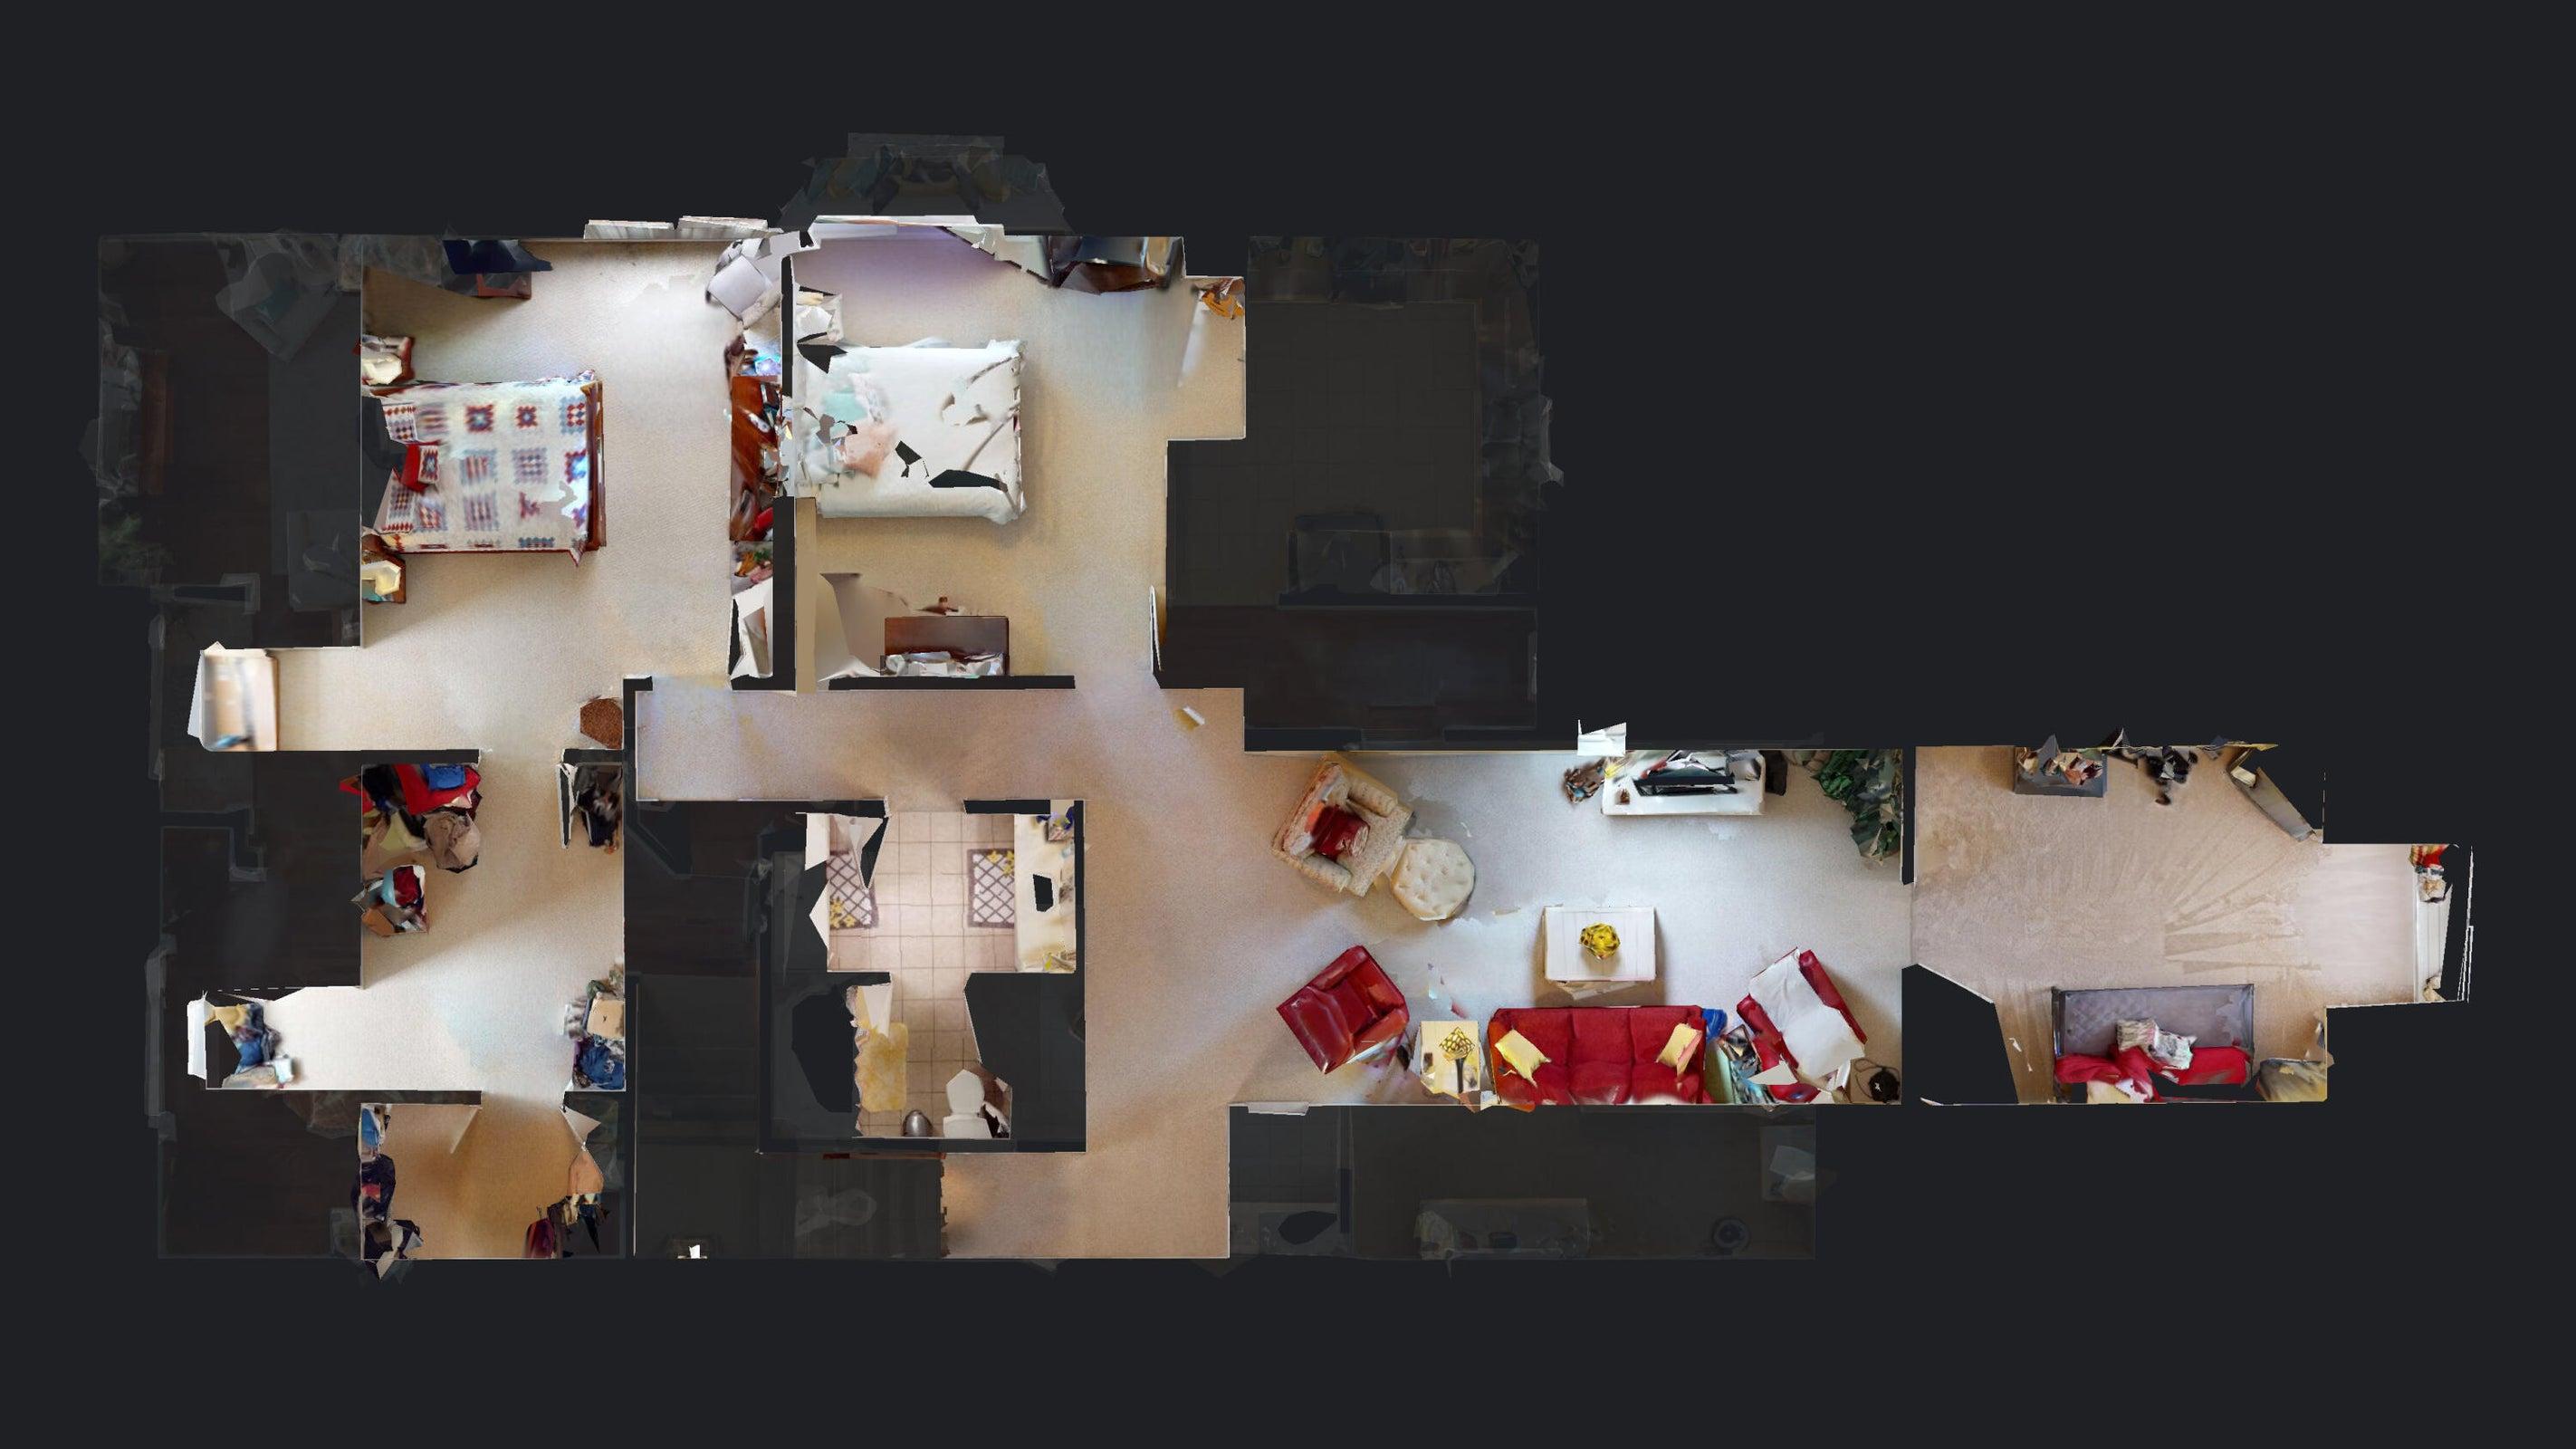 812-Poets-Corner-Way-Floor-Plan-Second-F